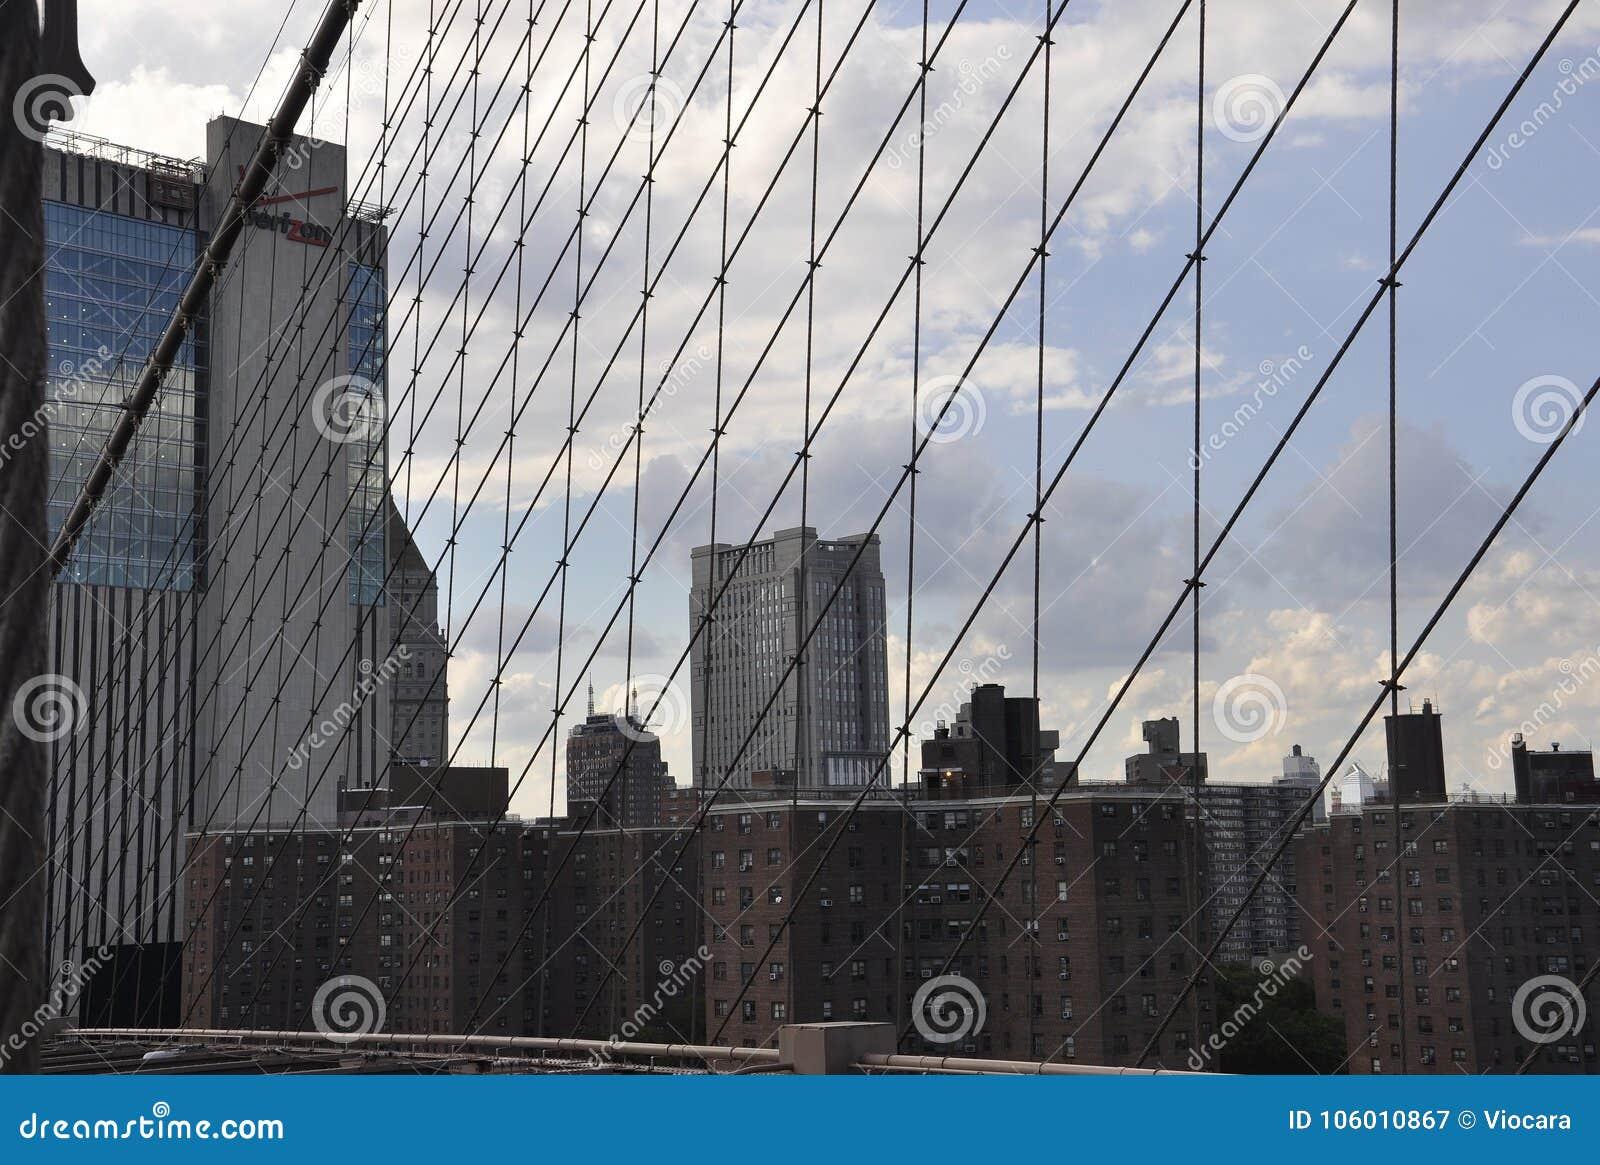 Lower Manhattanmening van de Brug van Brooklyn over de Rivier van het Oosten van de Stad van New York in Verenigde Staten